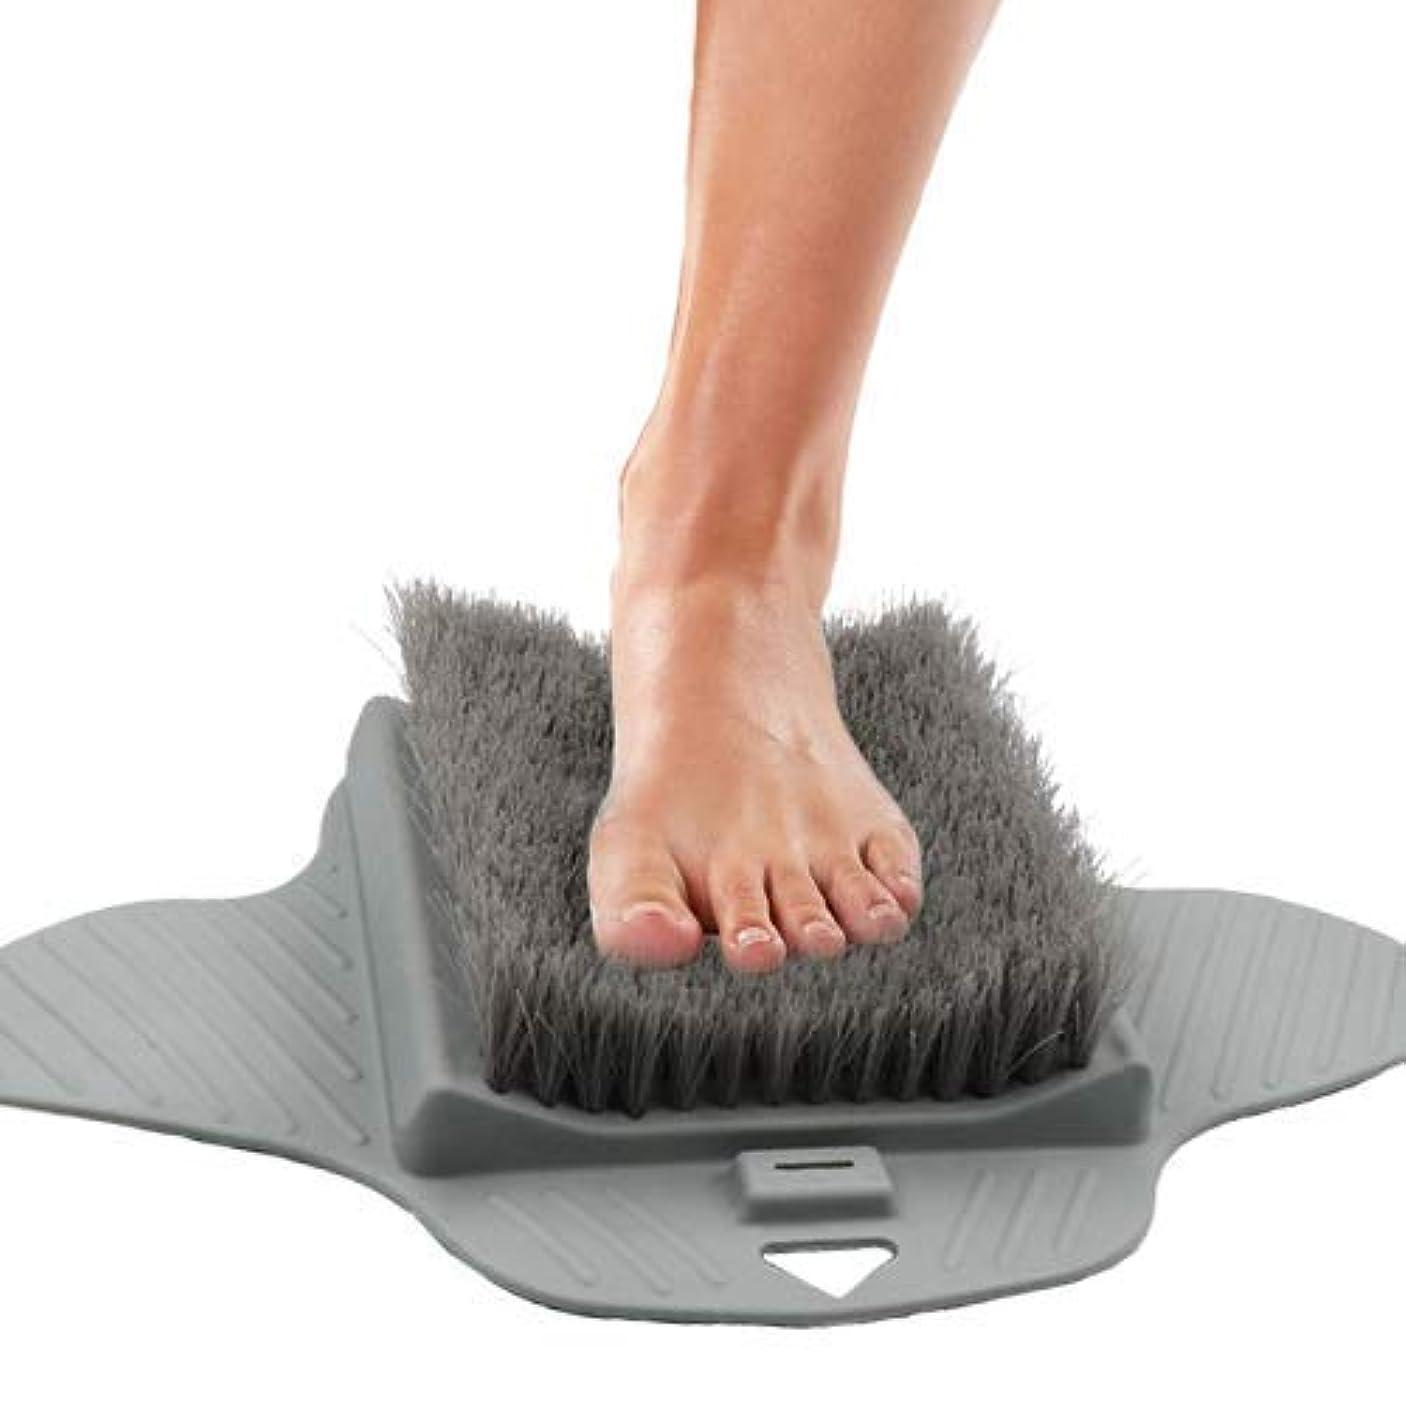 ブルアスリート同性愛者Jhua 足の裏とカルスを掃除するためのシャワーフットスクラバーバスタブフロアブラシ-滑り止め吸引カップ、指圧マッサージマットフットクリーナー